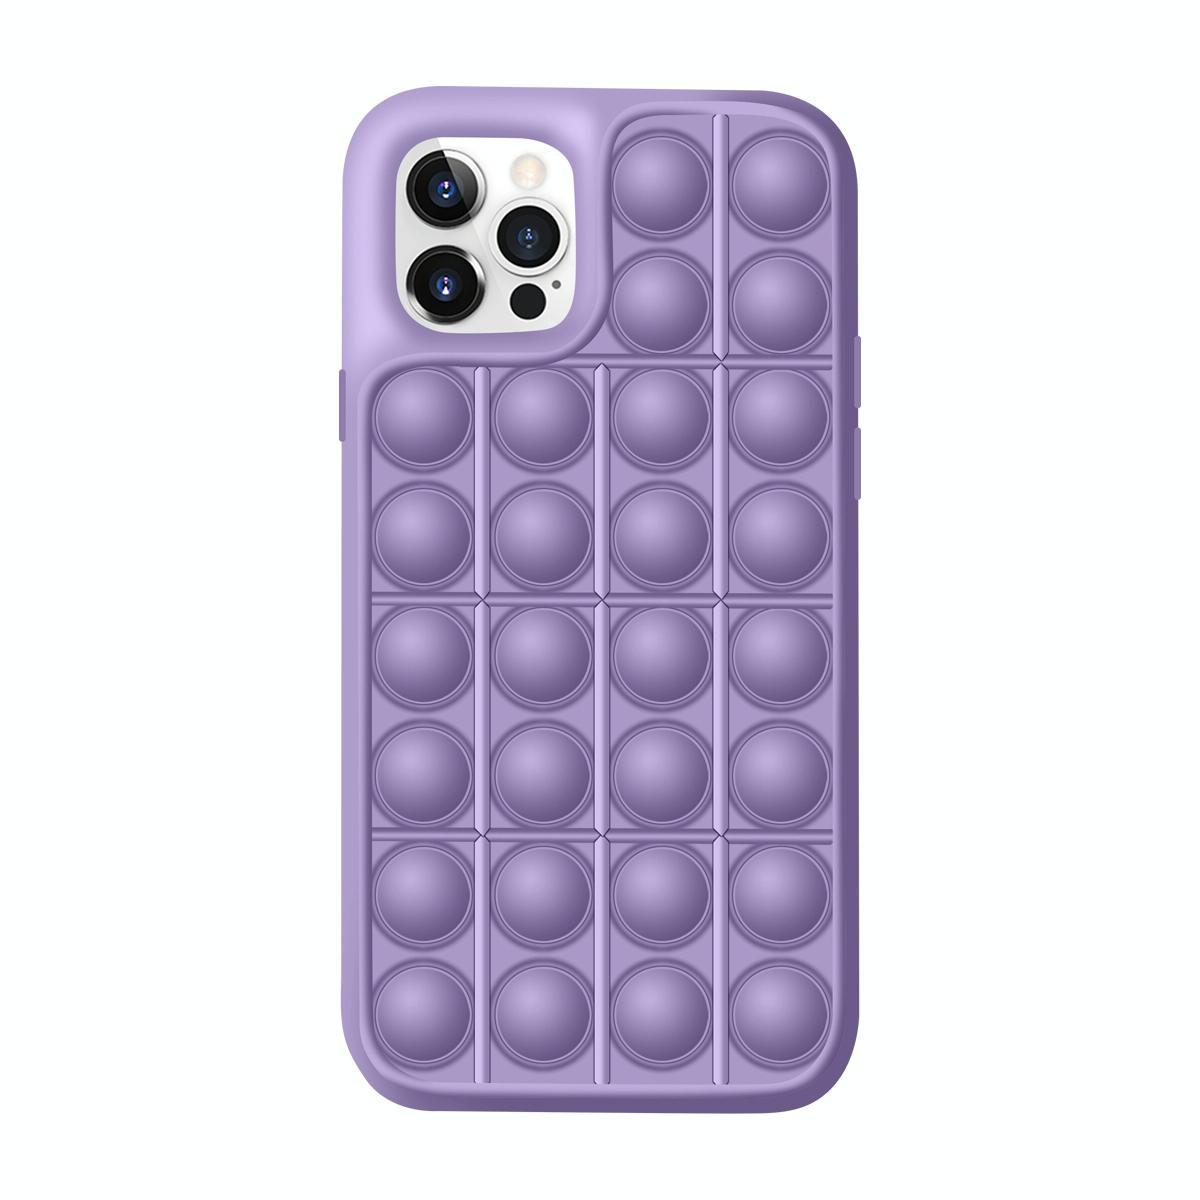 아이폰12 / 12프로 레고 뽁뽁이 디자인 특이한 핸드폰 케이스 (라이트 퍼플)